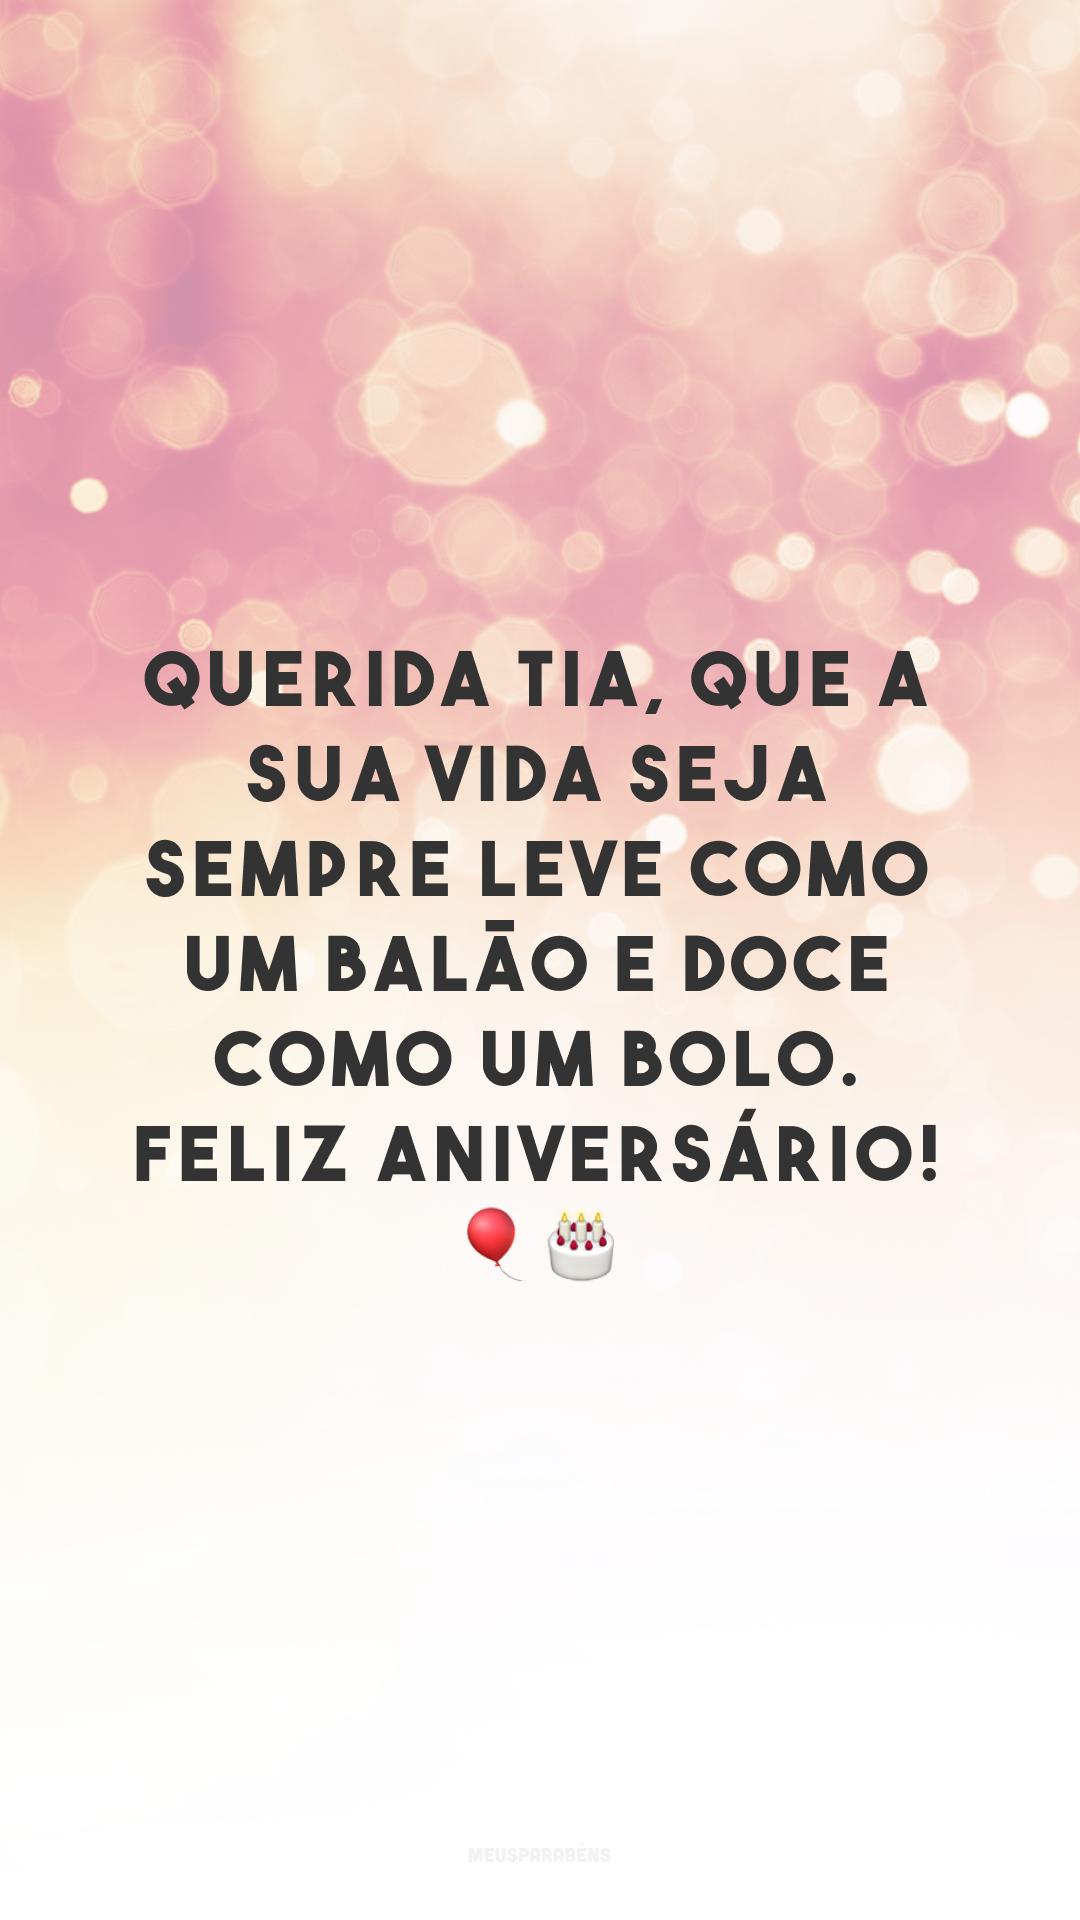 Querida tia, que a sua vida seja sempre leve como um balão e doce como um bolo. Feliz aniversário! ??